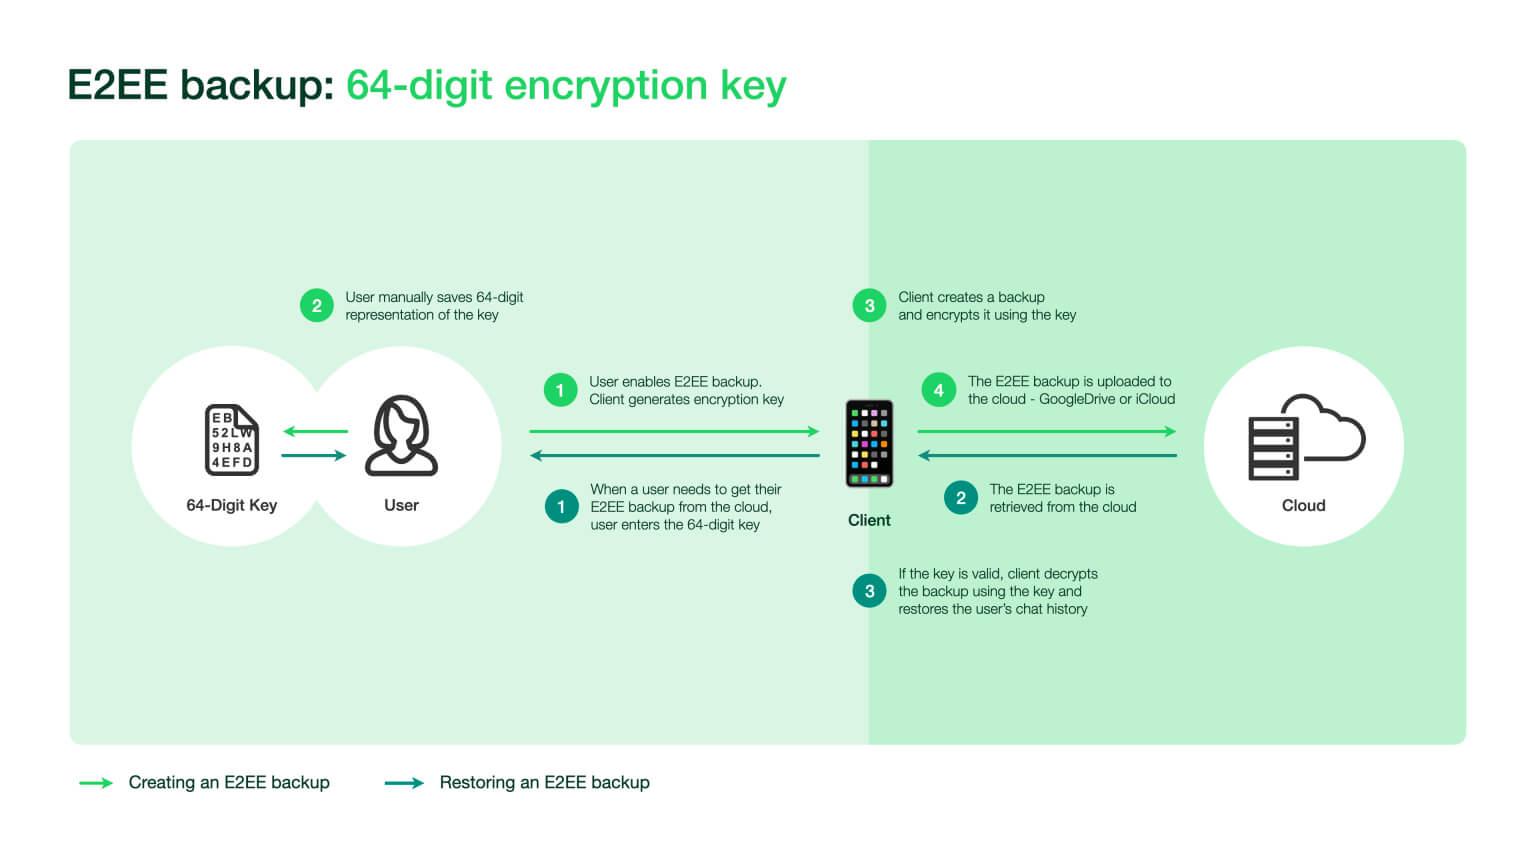 Kopie zapasowe mogą być w pełni szyfrowane przy użyciu 64-cyfrowego klucza szyfrowania.